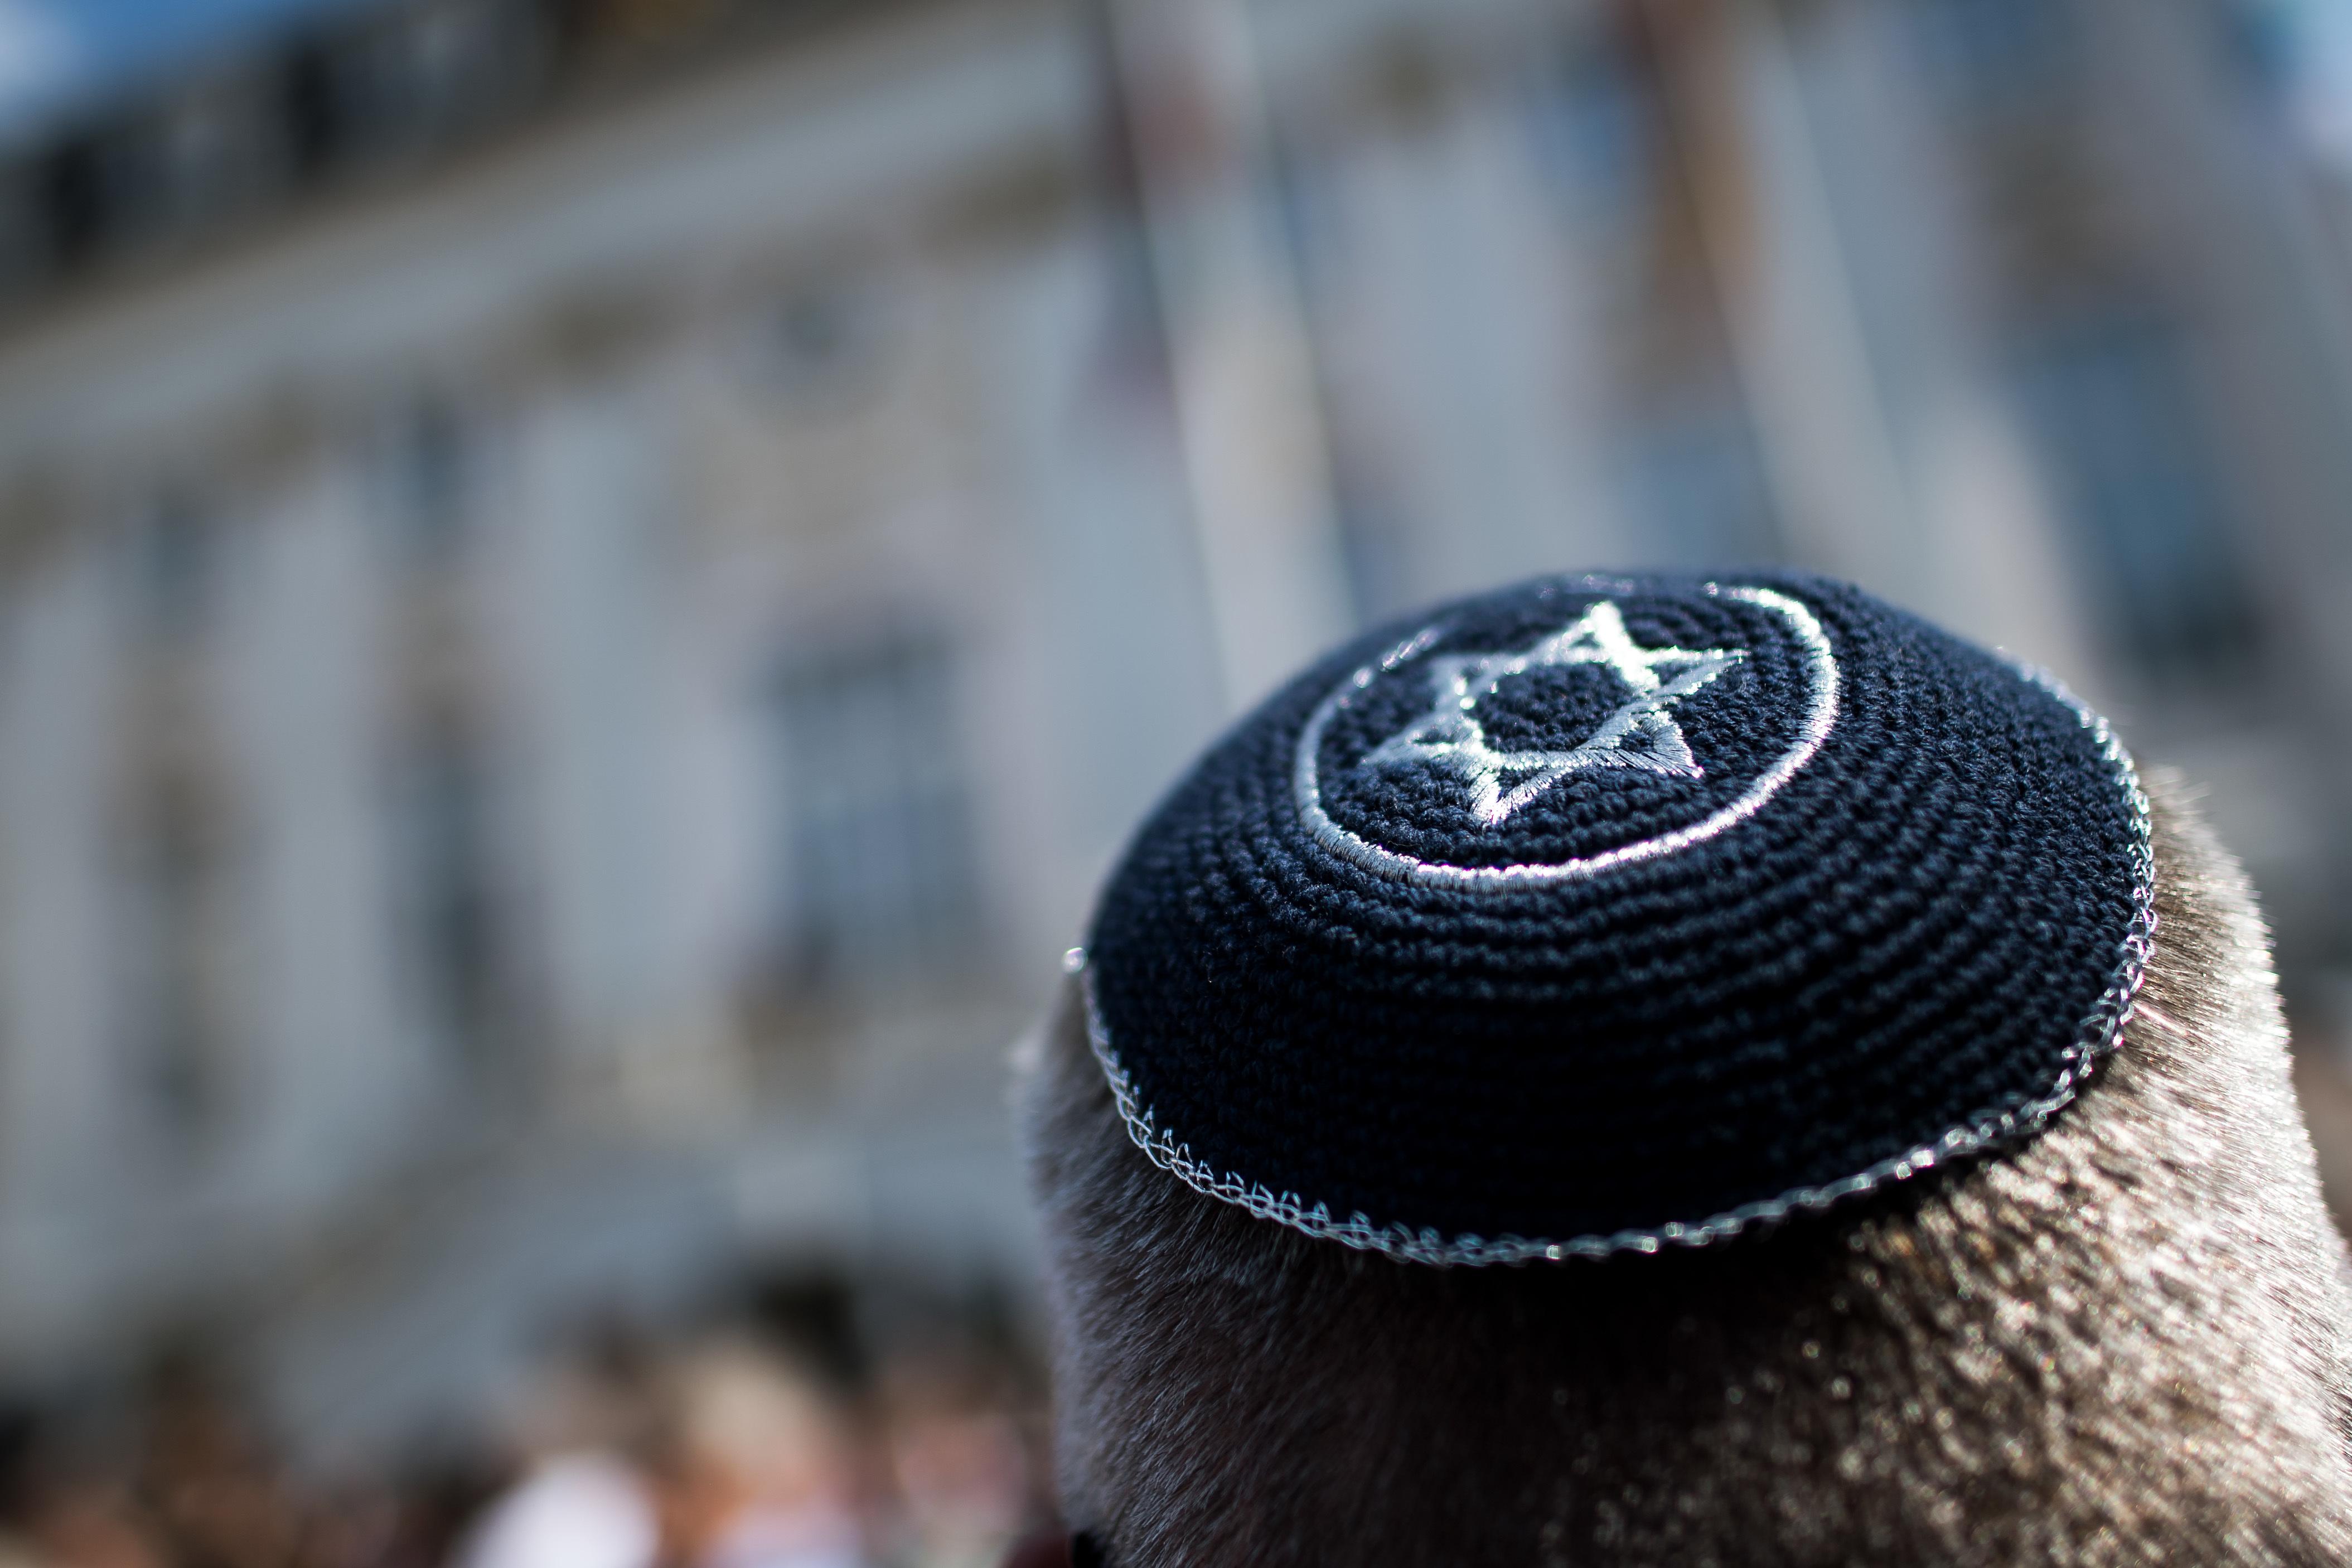 A kormány megbízottja szerint már nem ajánlott kipában mutatkozni a németországi zsidóknak